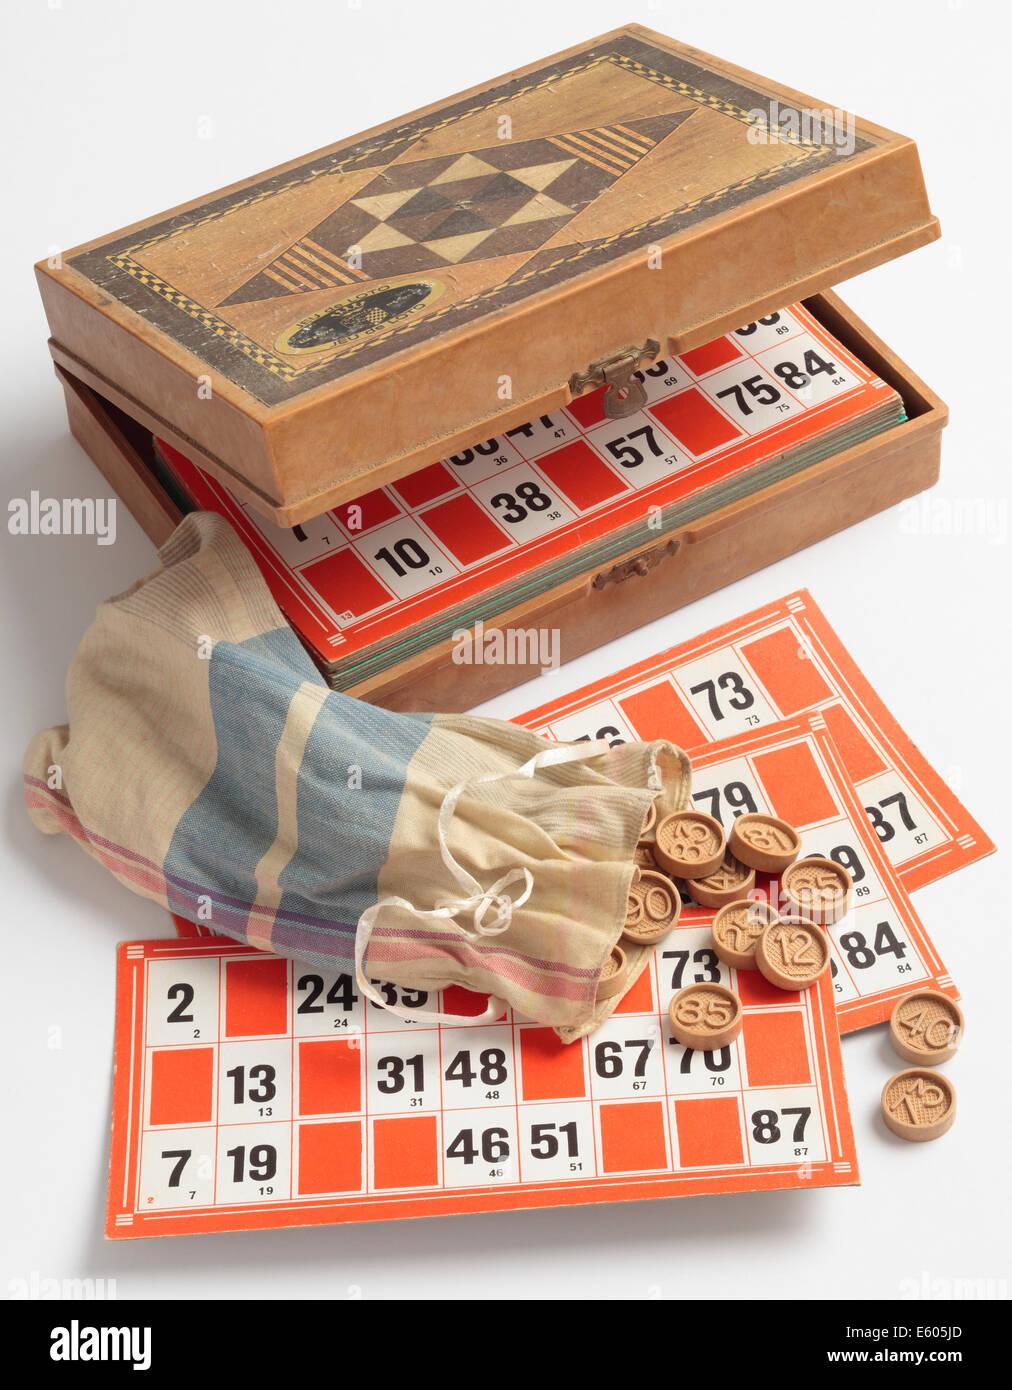 Lotto o il Bingo gioco di bordo. Un vintage esempio francese di questo gioco di bordo in una scatola. Immagini Stock